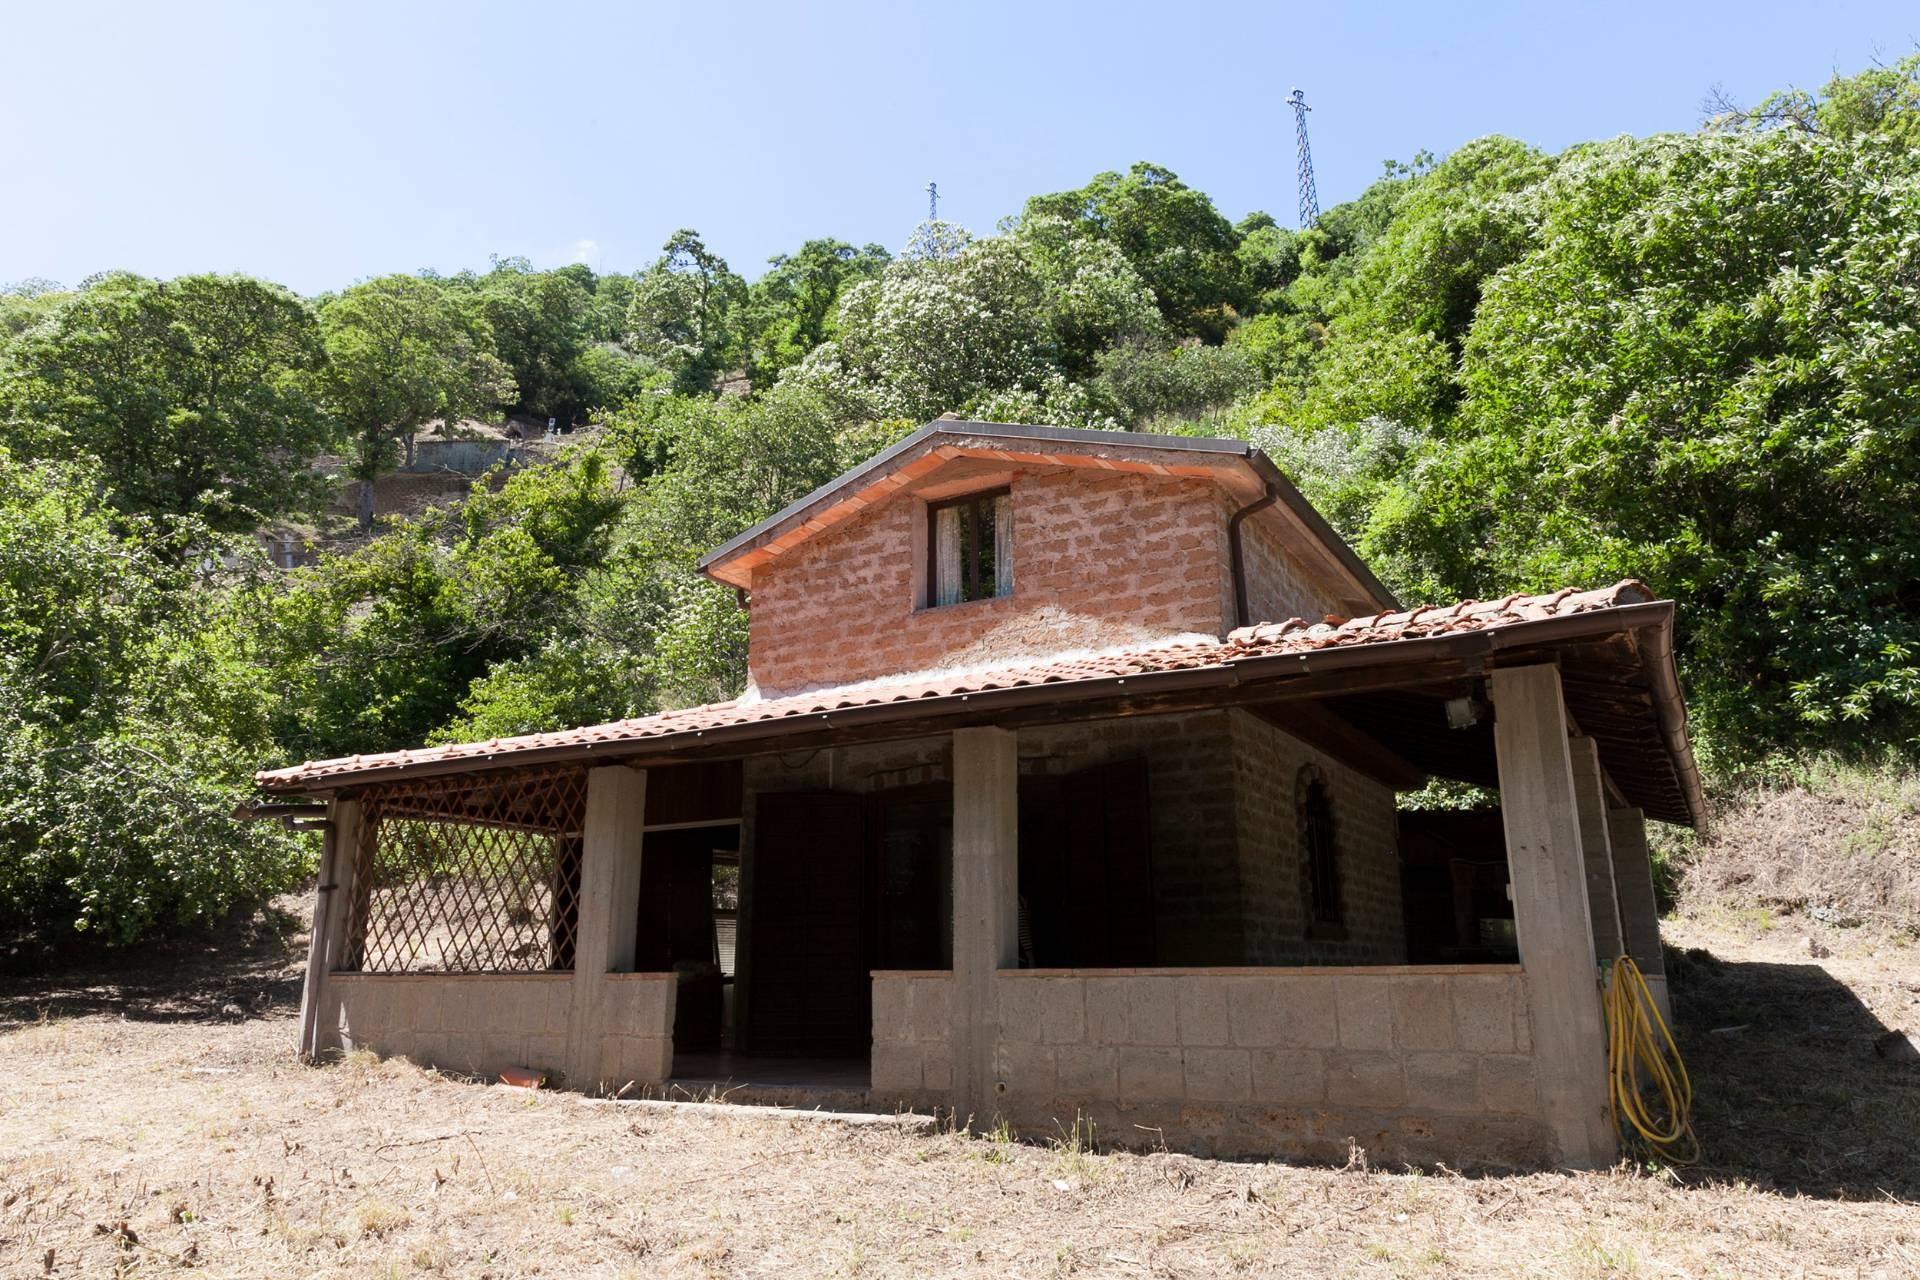 Rustico / Casale in vendita a Canepina, 2 locali, prezzo € 58.000 | CambioCasa.it